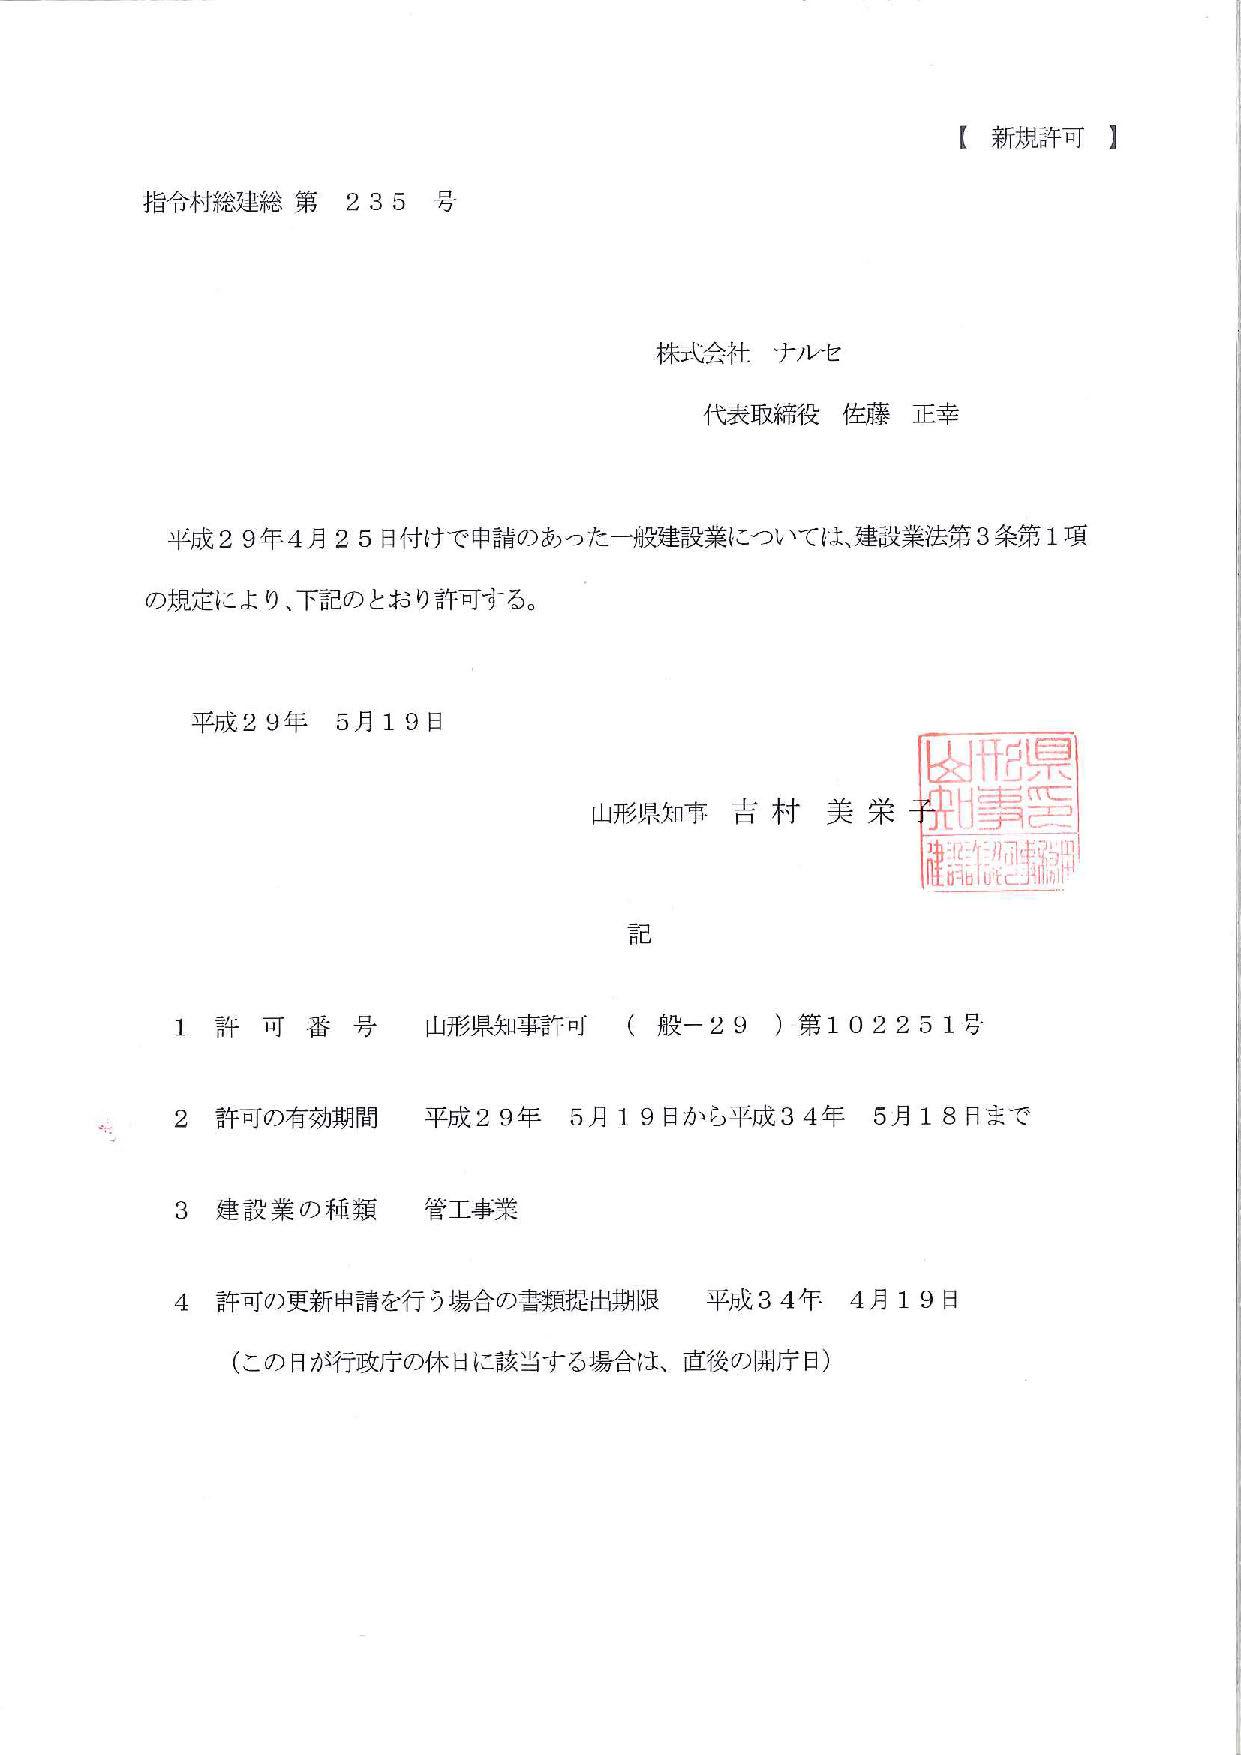 建設業許可(管工事業) 山形県知事許可(般-29)第102251号